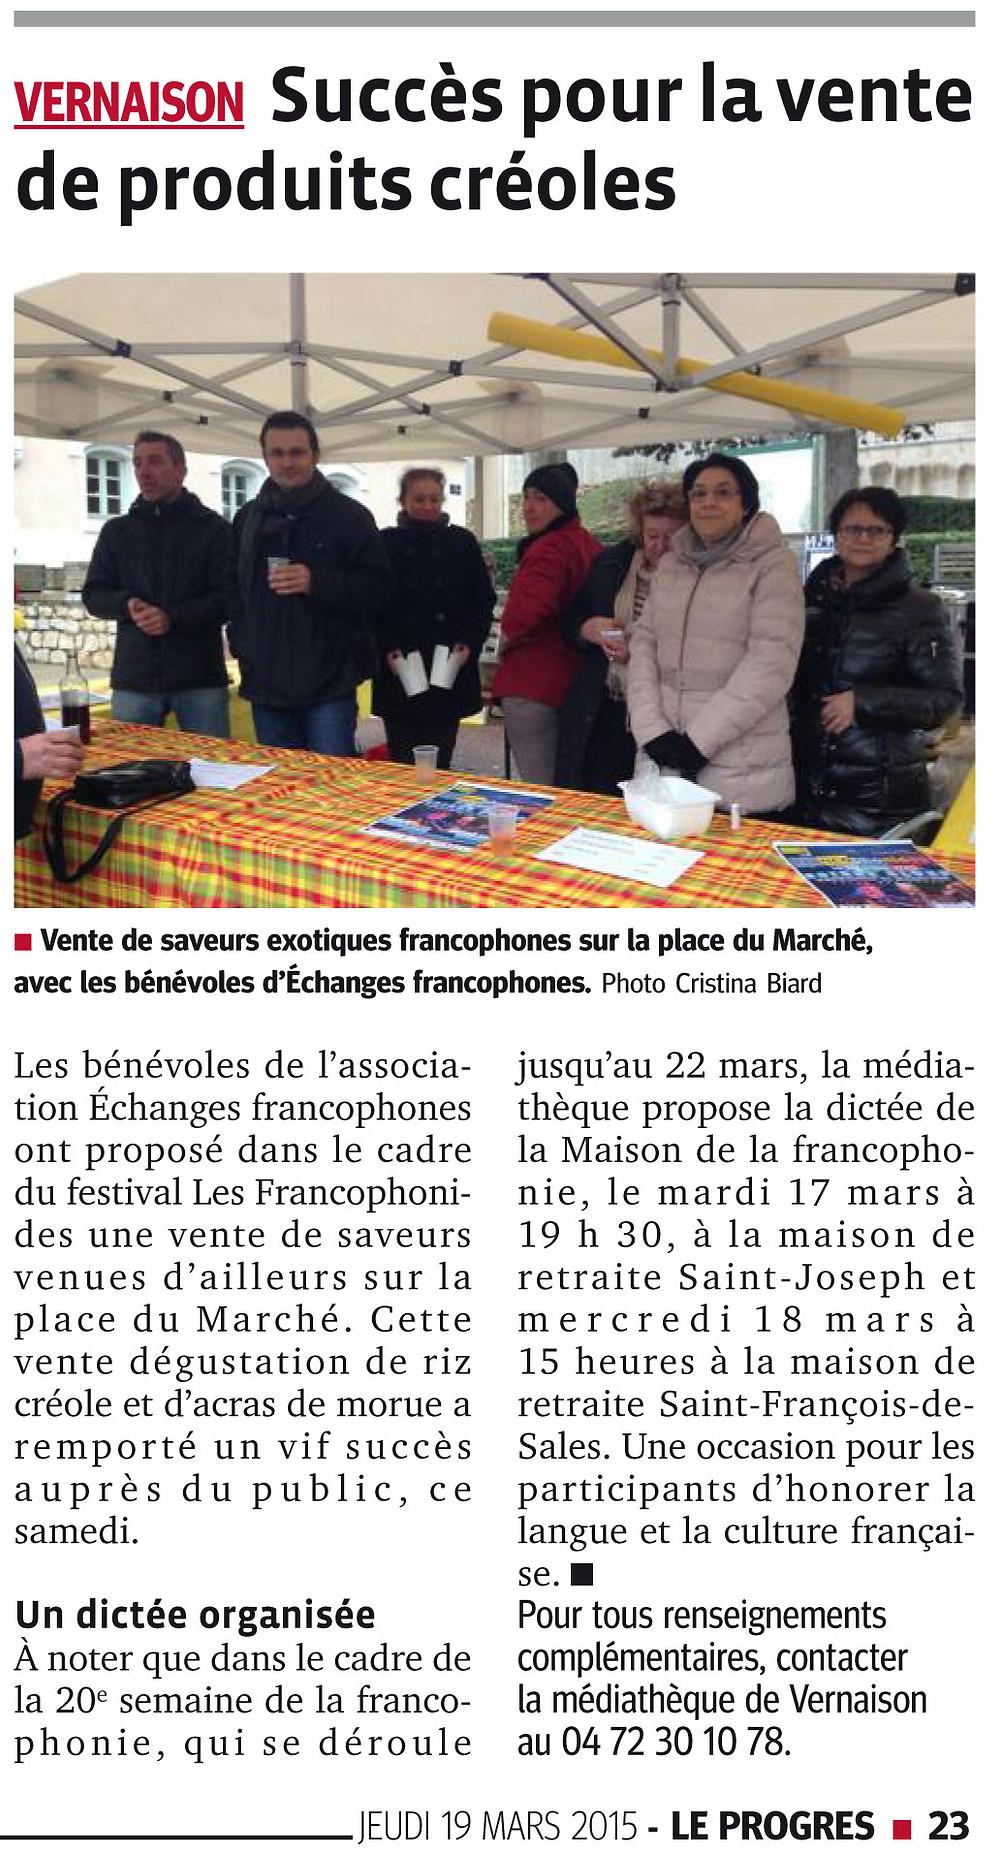 Franco_19-03-2015.jpg